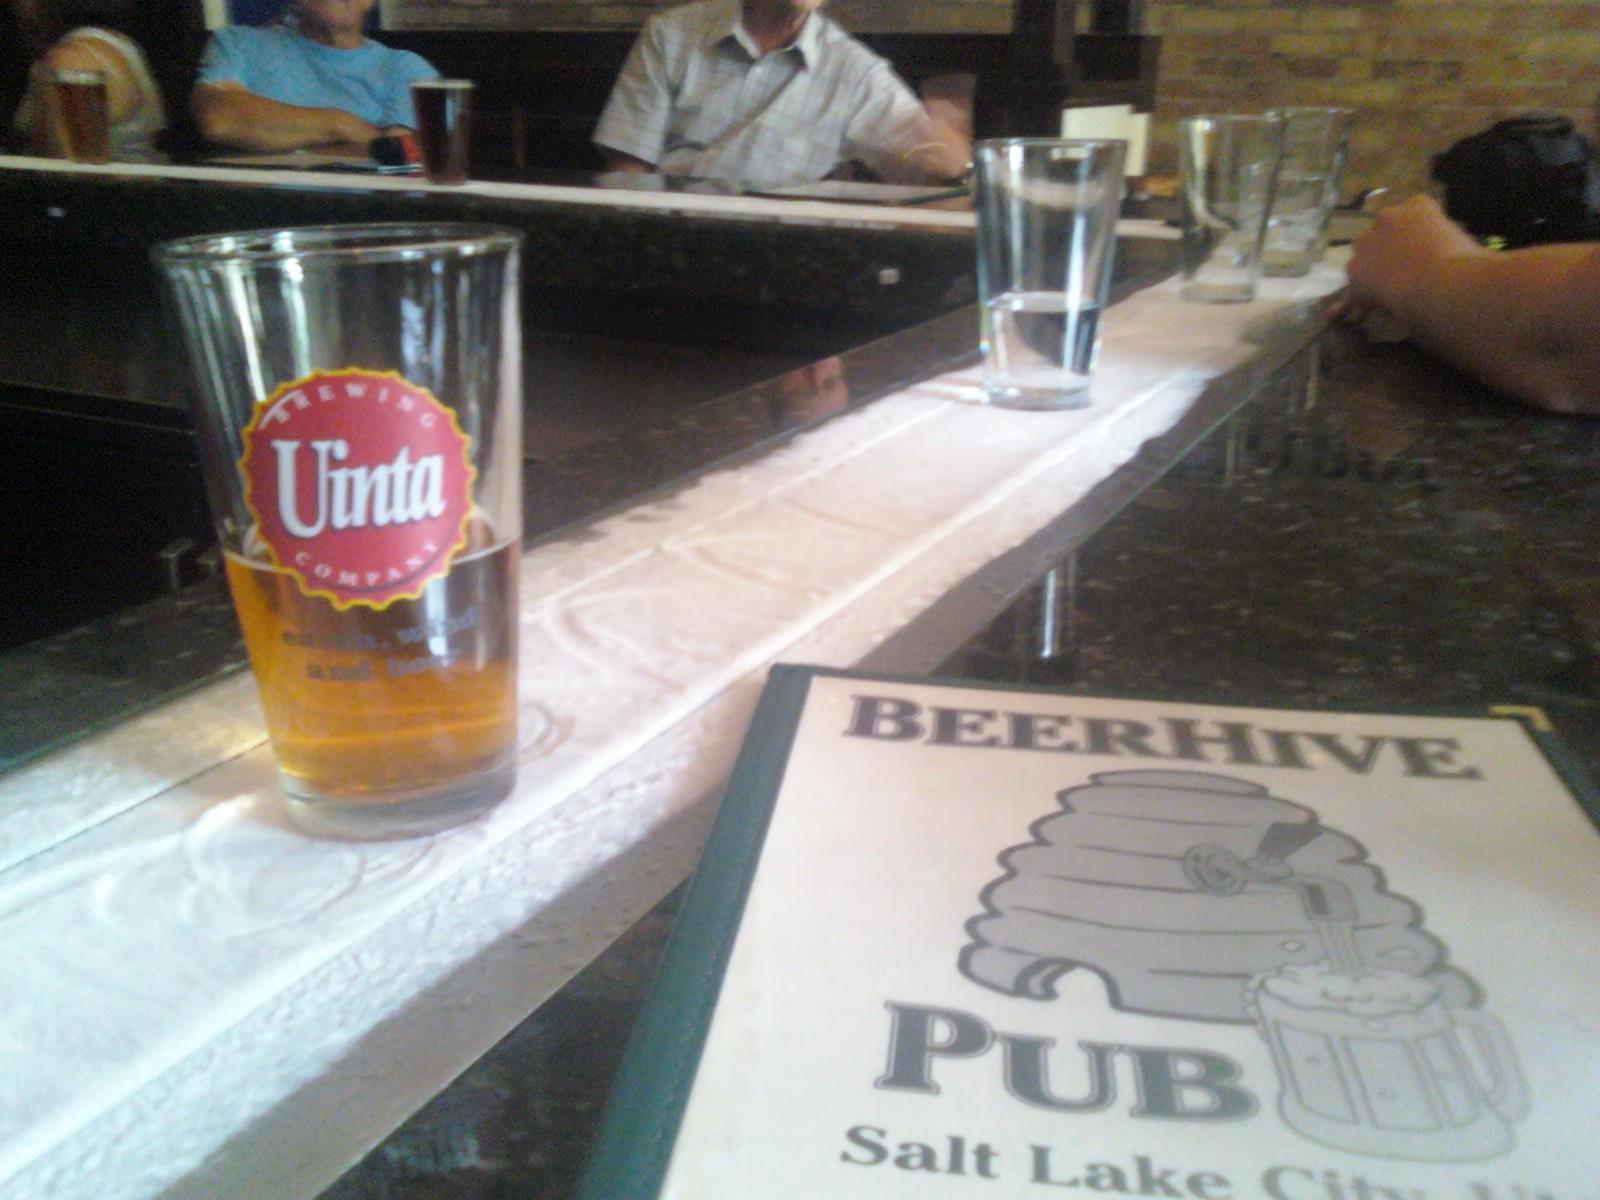 BeerHive.jpg